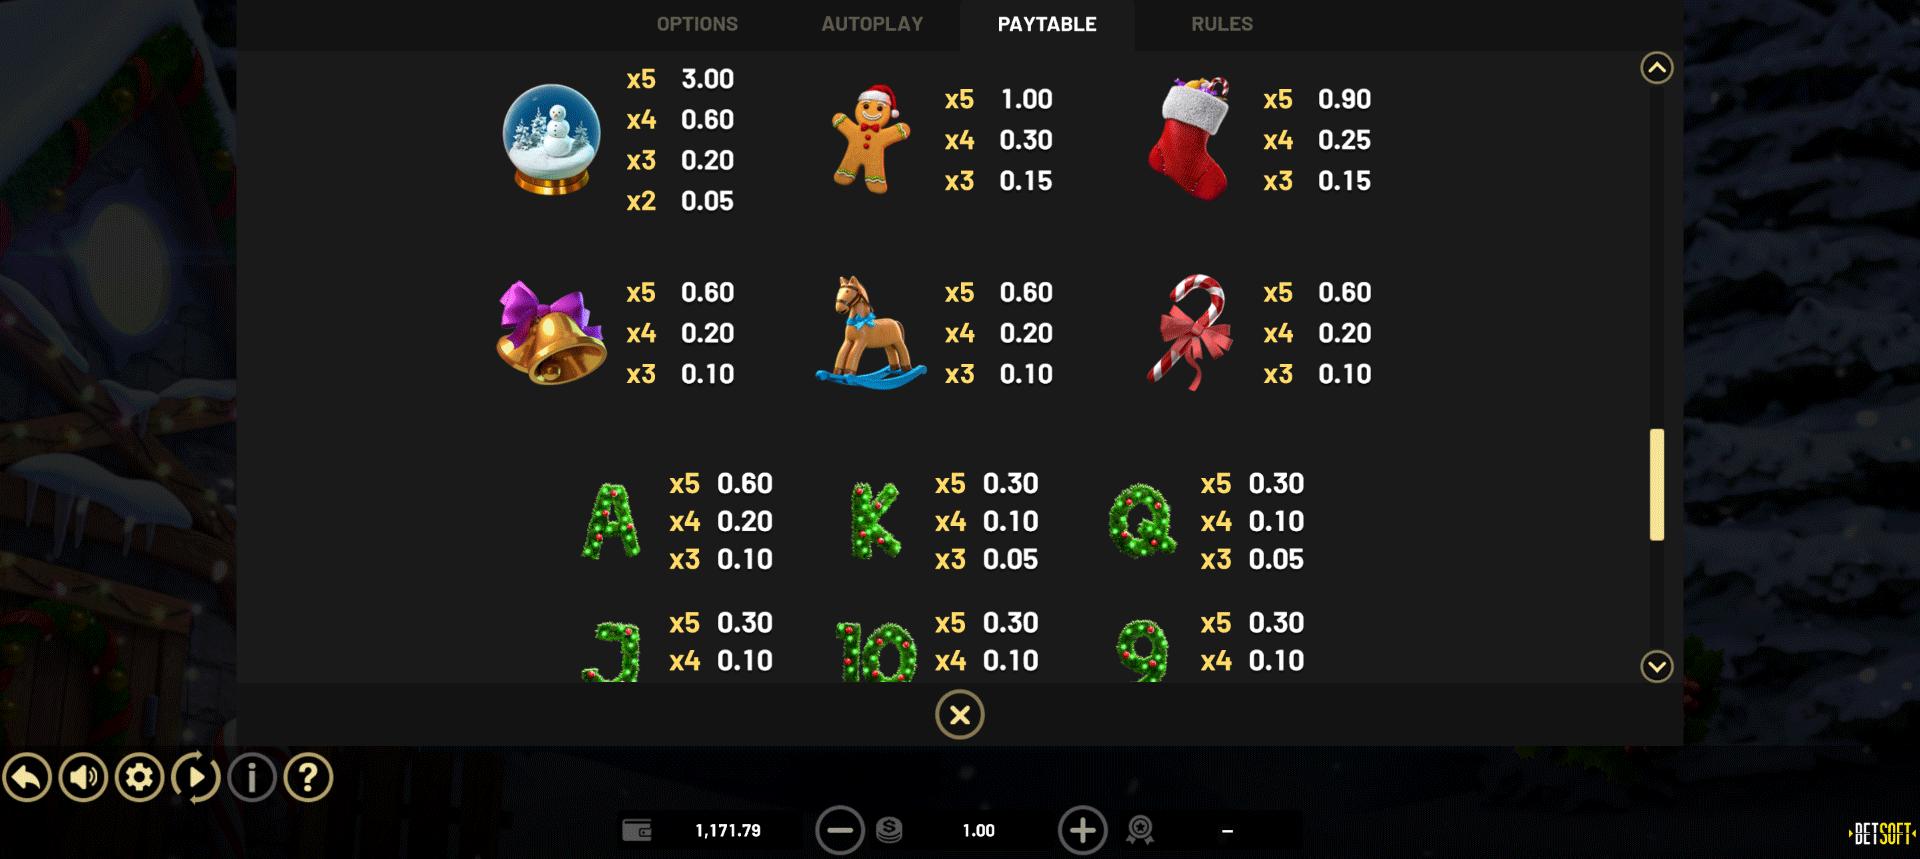 tabella dei pagamenti della slot machine take santa's shop